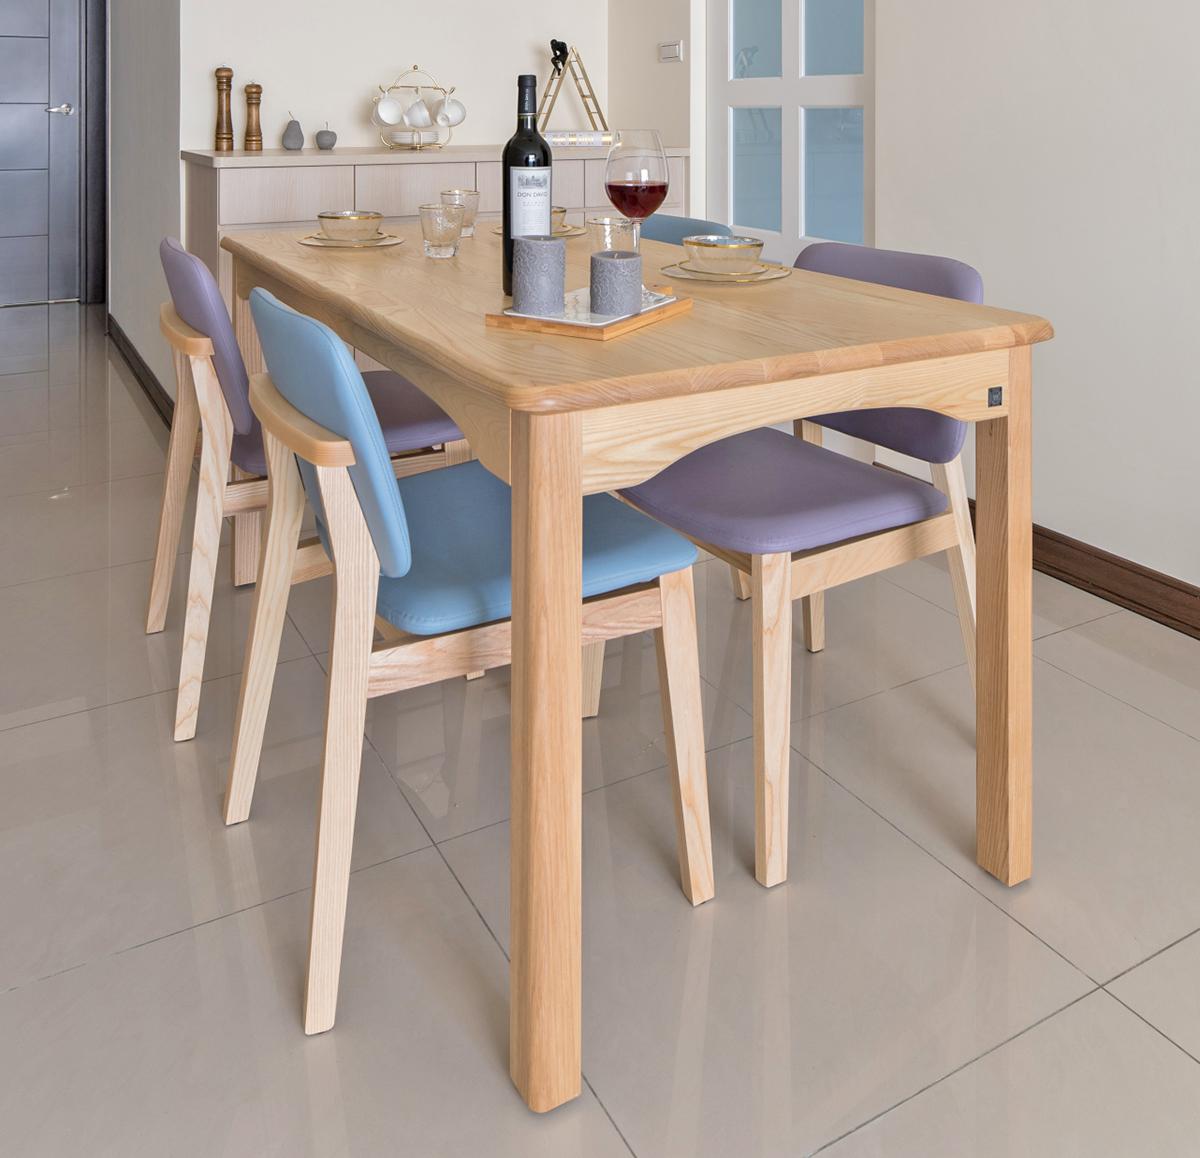 實木餐桌椅餐廳裝潢設計